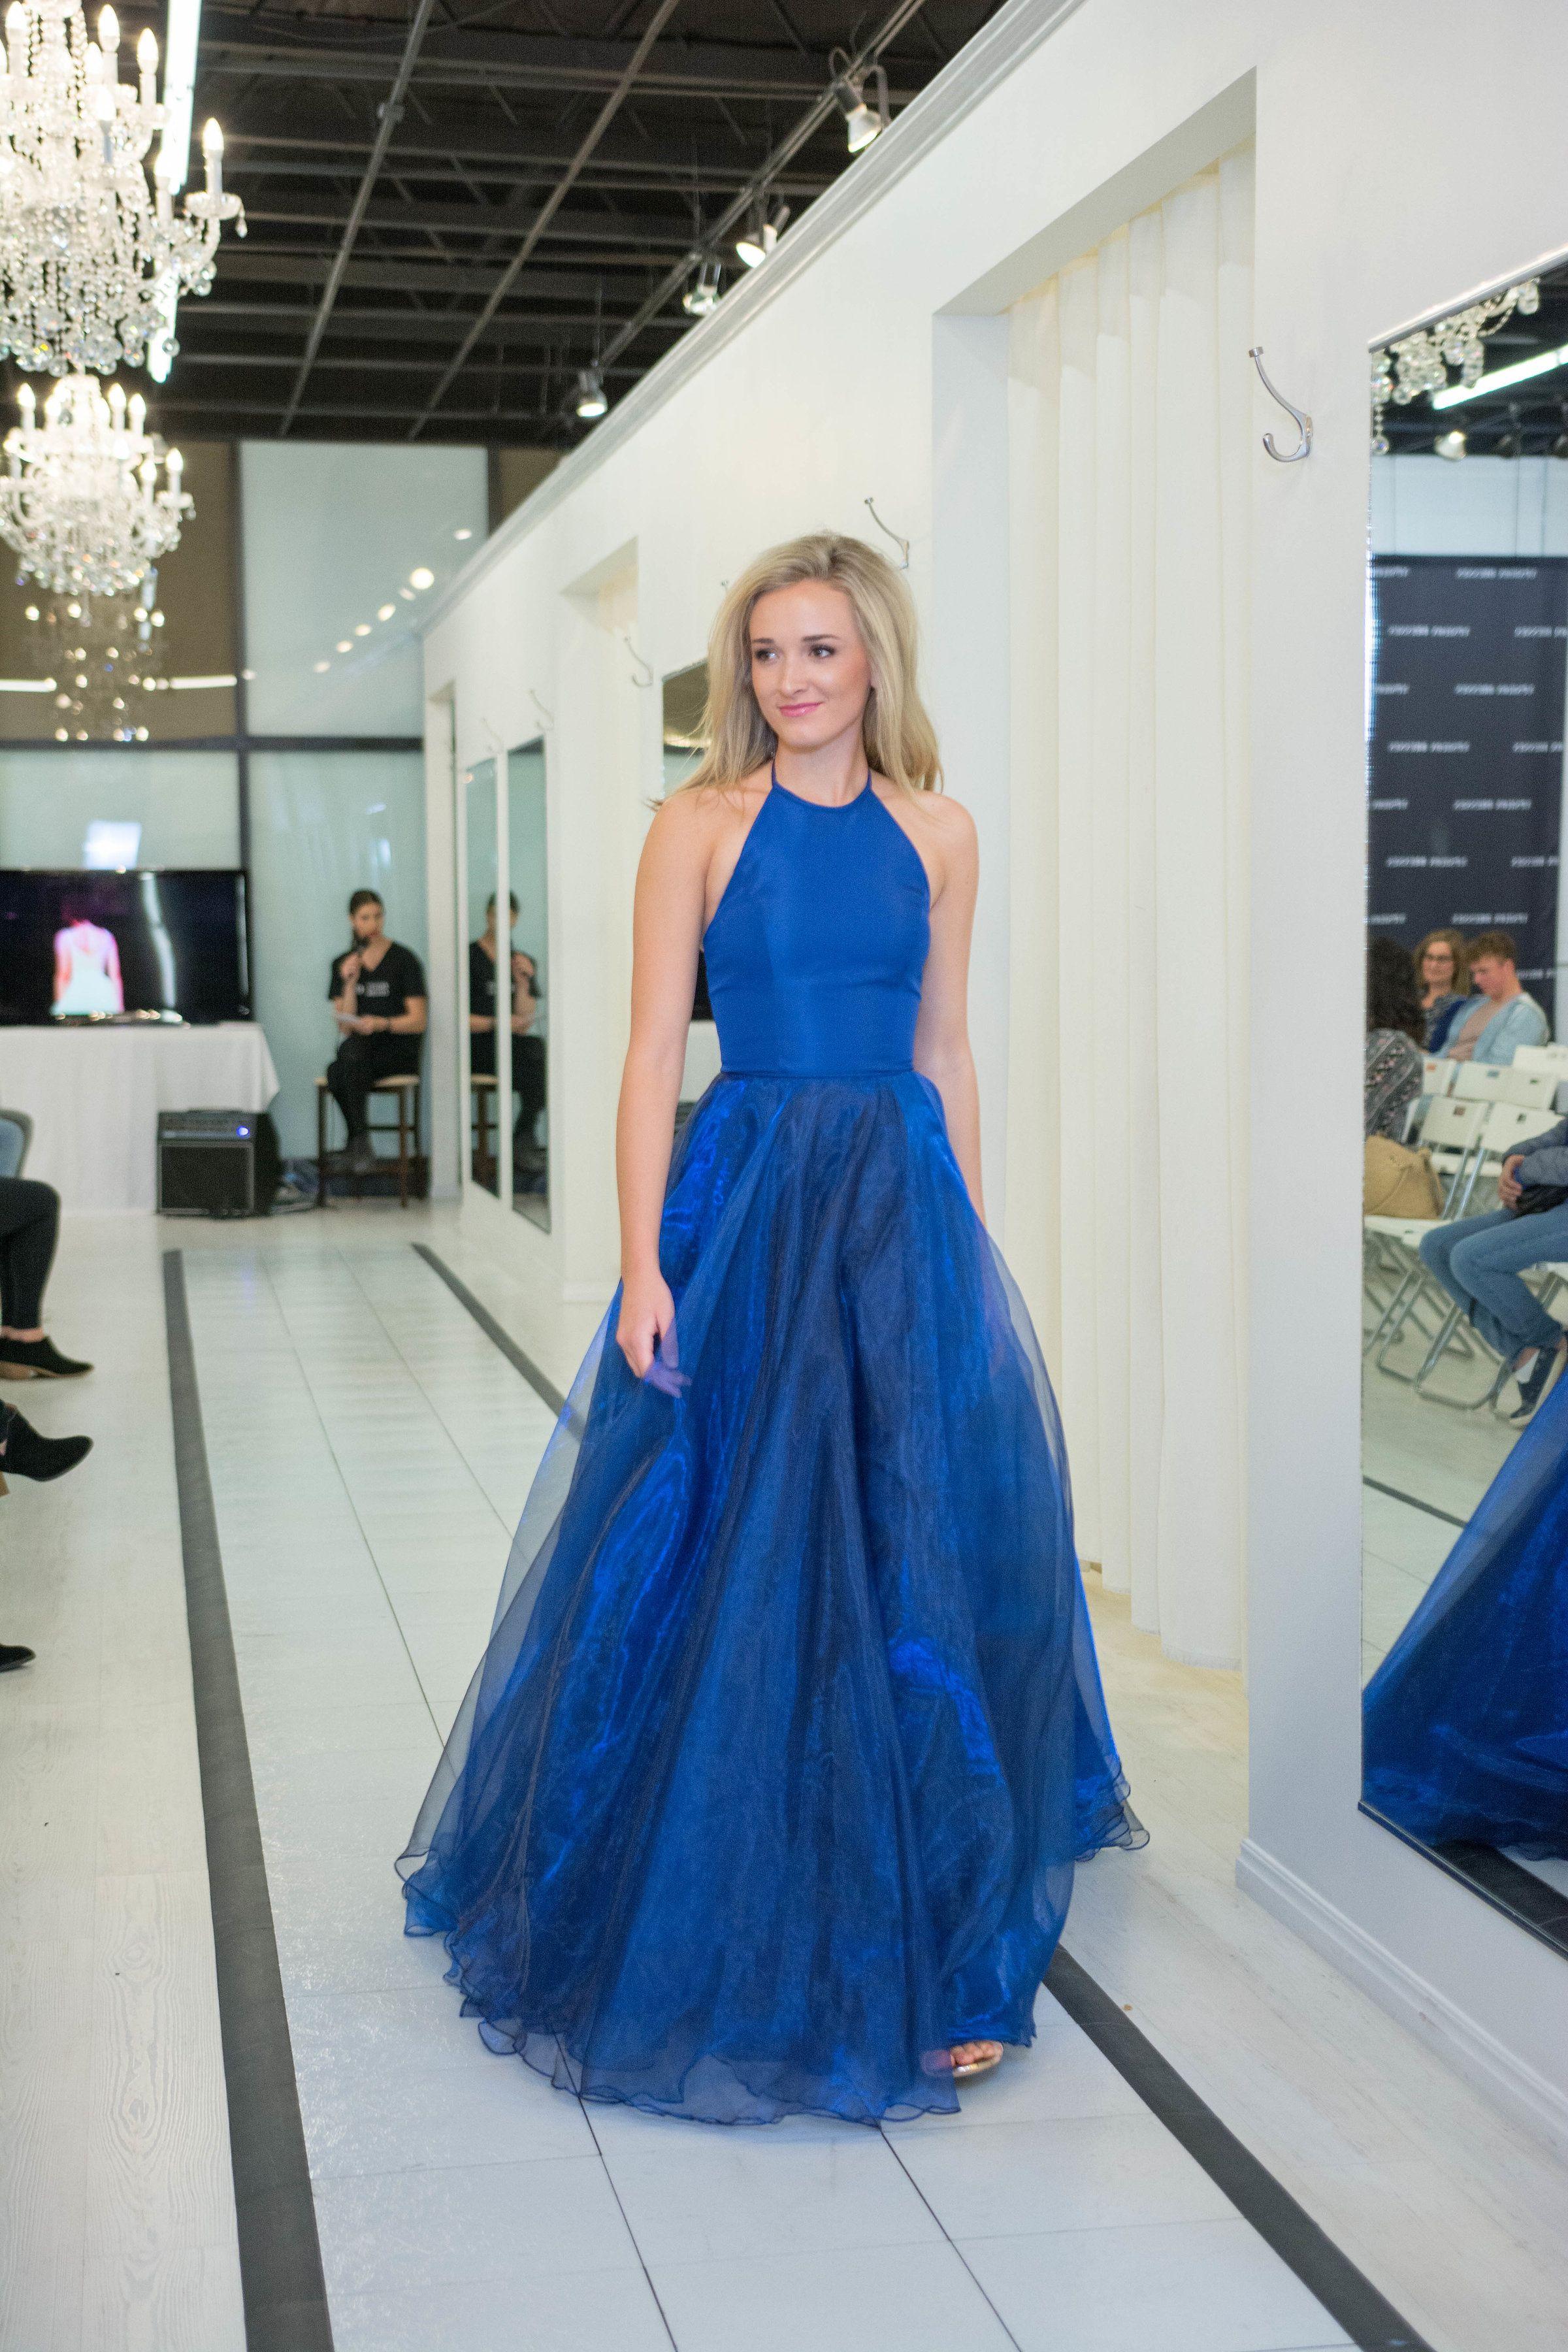 Royal blue sherri hill tulle skirt ballgown iridescent skirt high